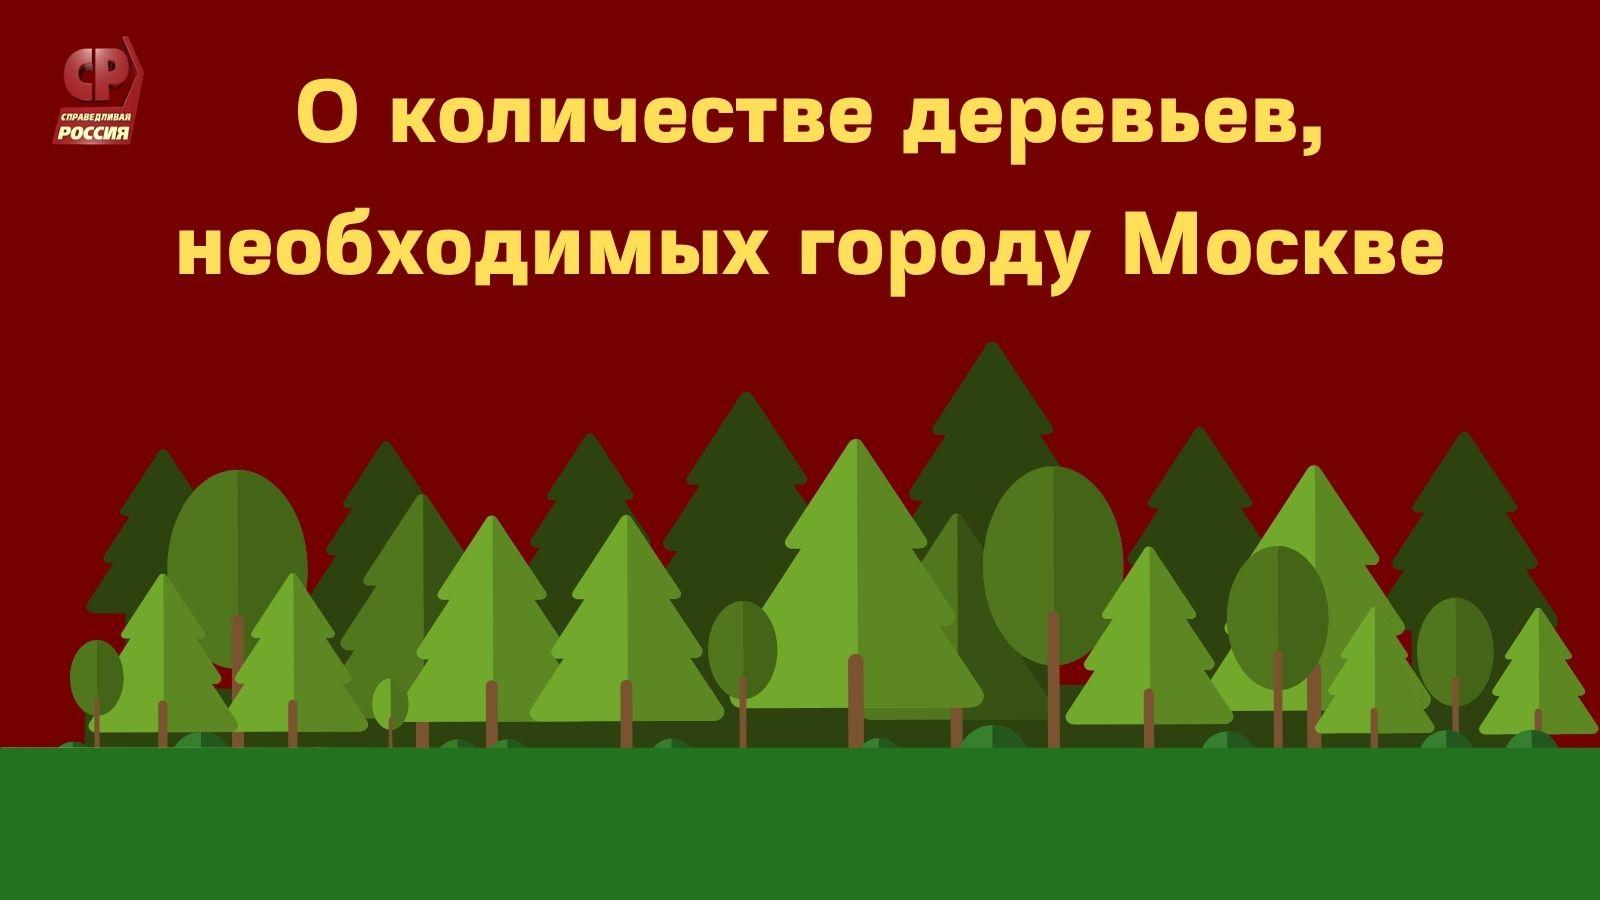 О количестве деревьев, необходимых городу Москве